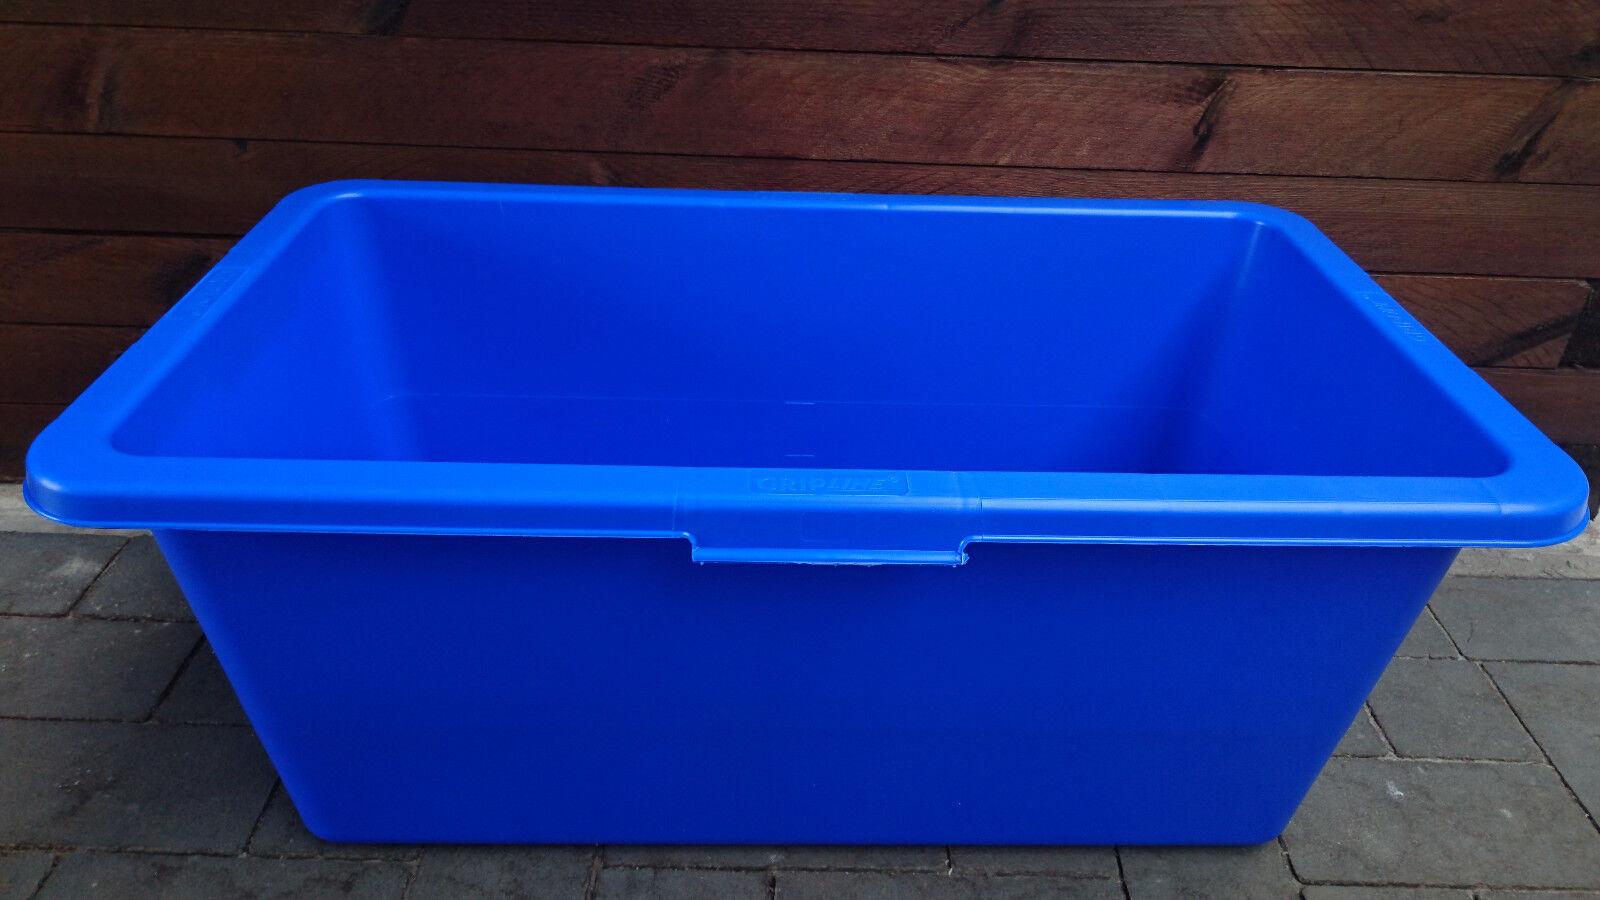 Koiwanne 65 Liter / Kunststoffwanne Messwanne Behandlungswanne Koi Wanne